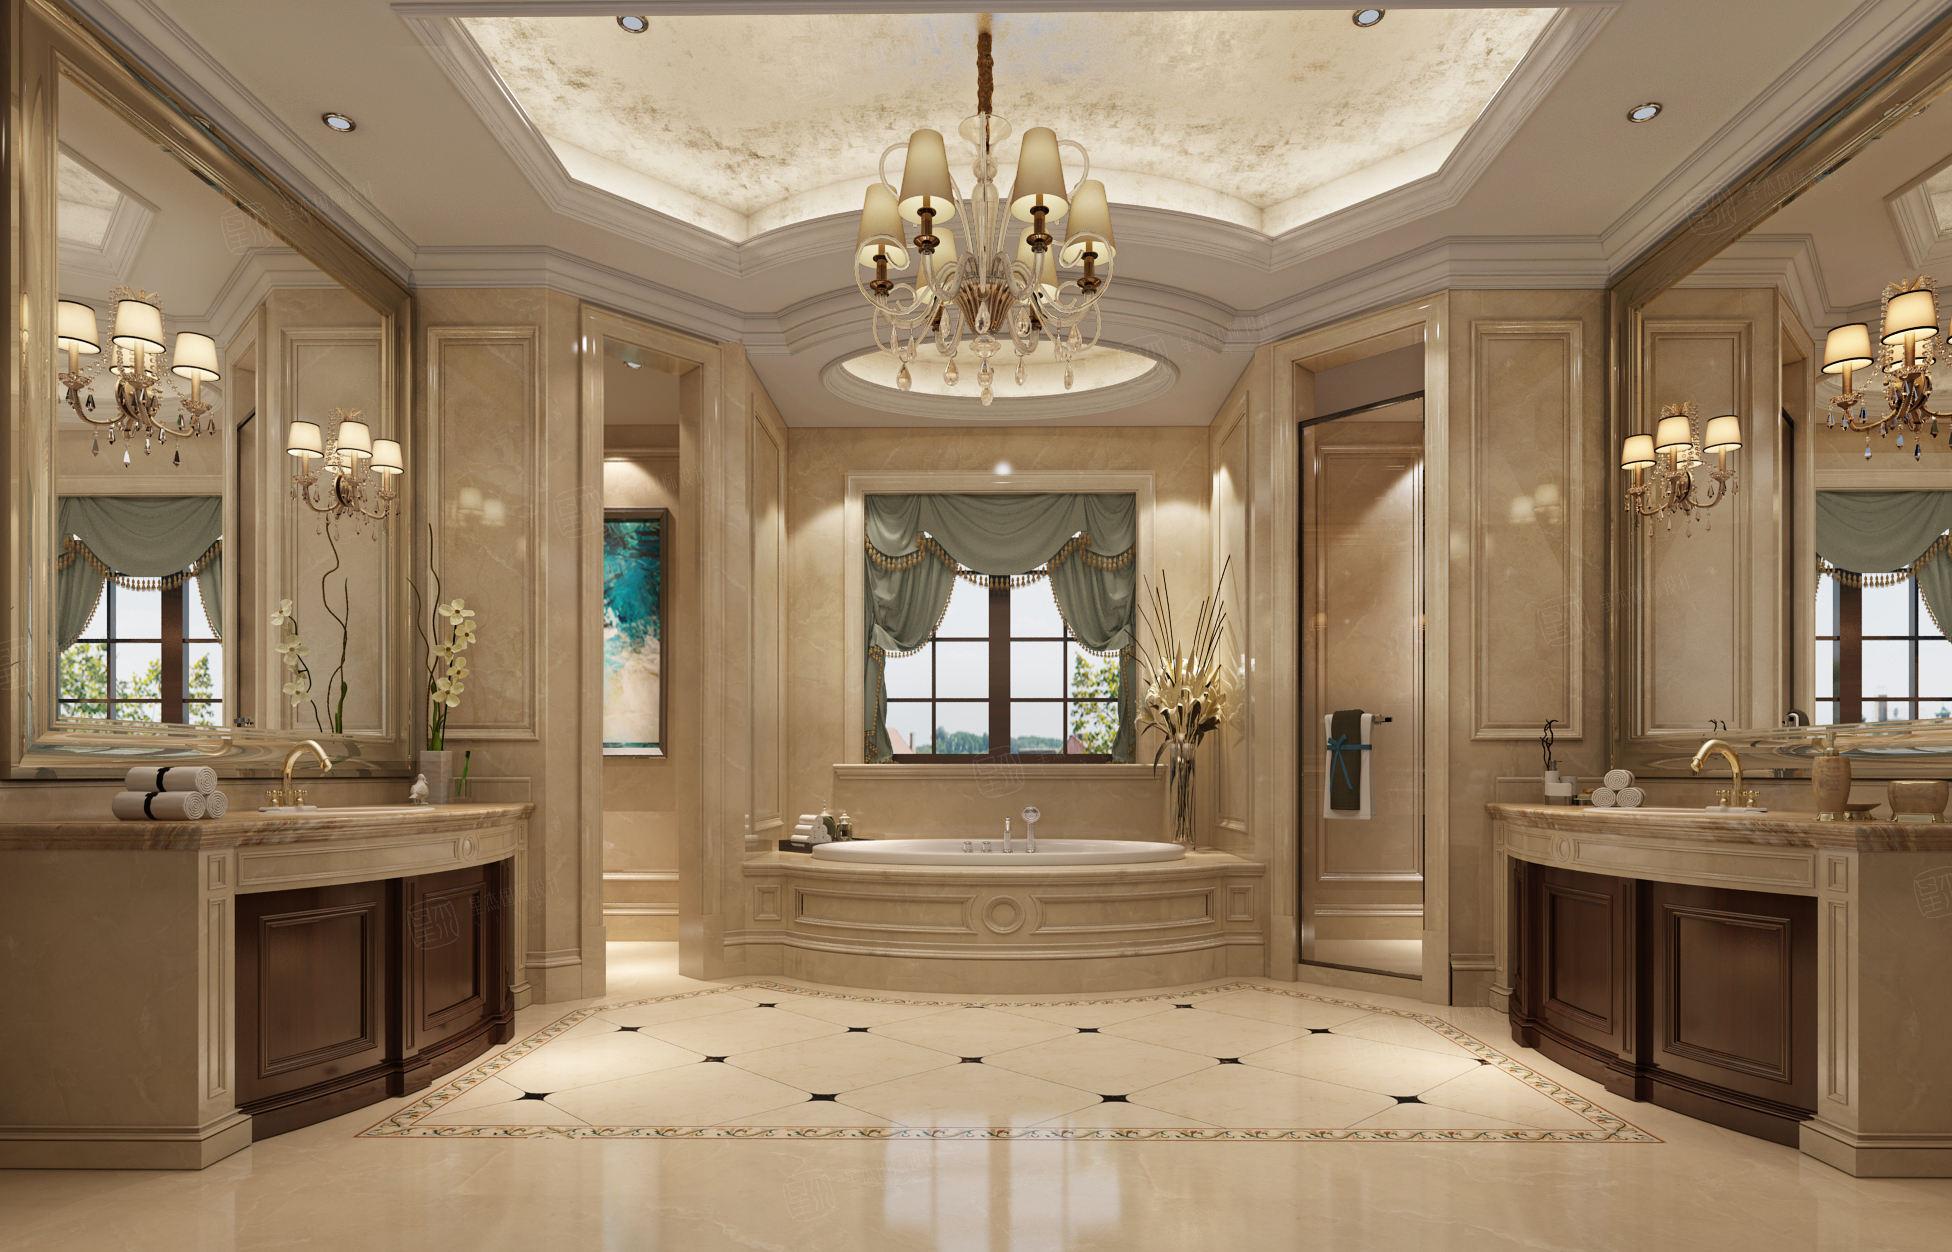 绿城玲珑苑 欧式装修卫生间效果图